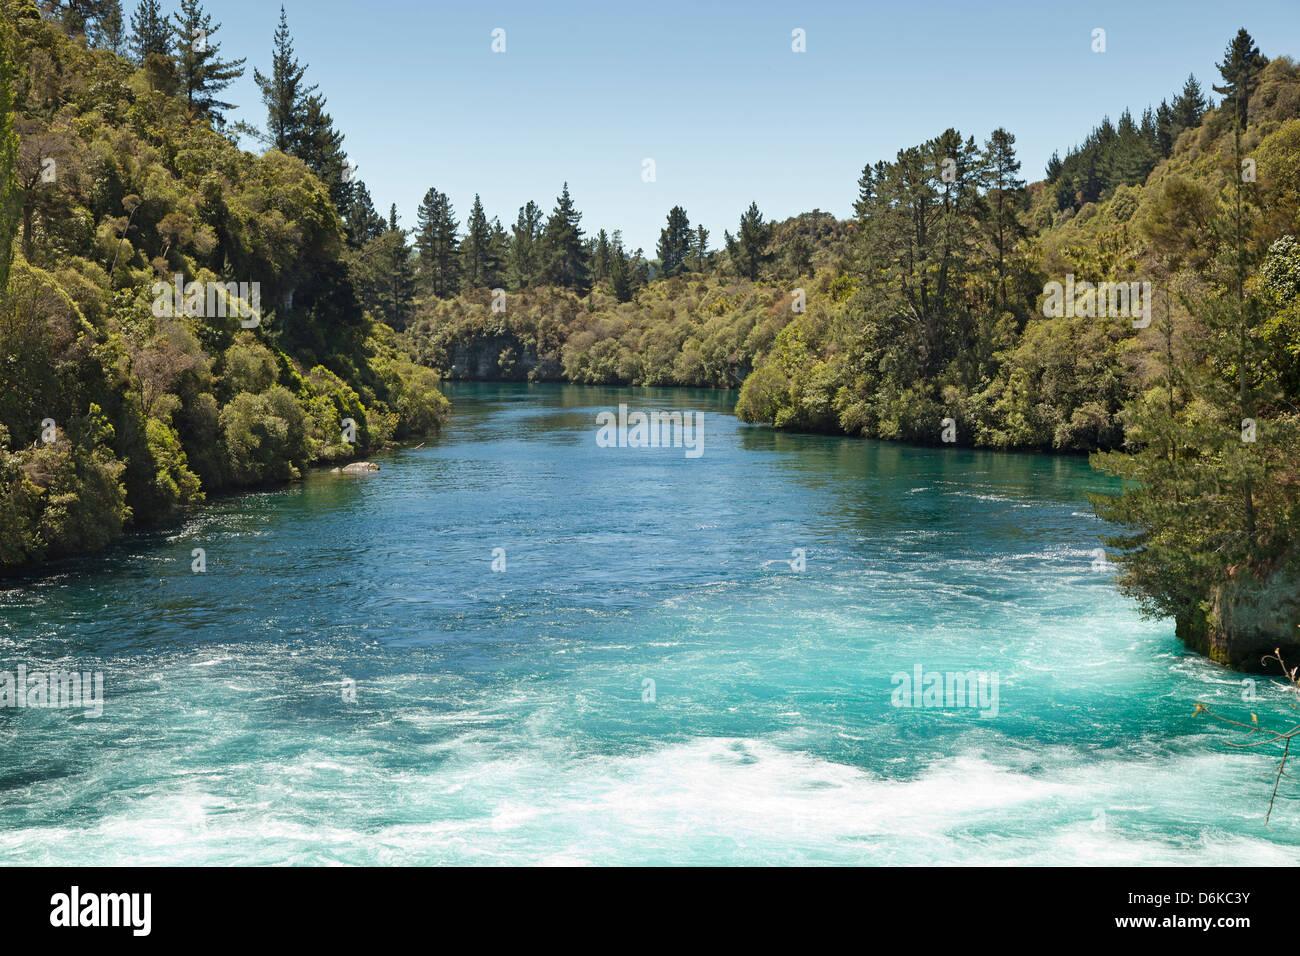 The Waikato River rushes toward Huka Falls near Taupo New Zealand - Stock Image